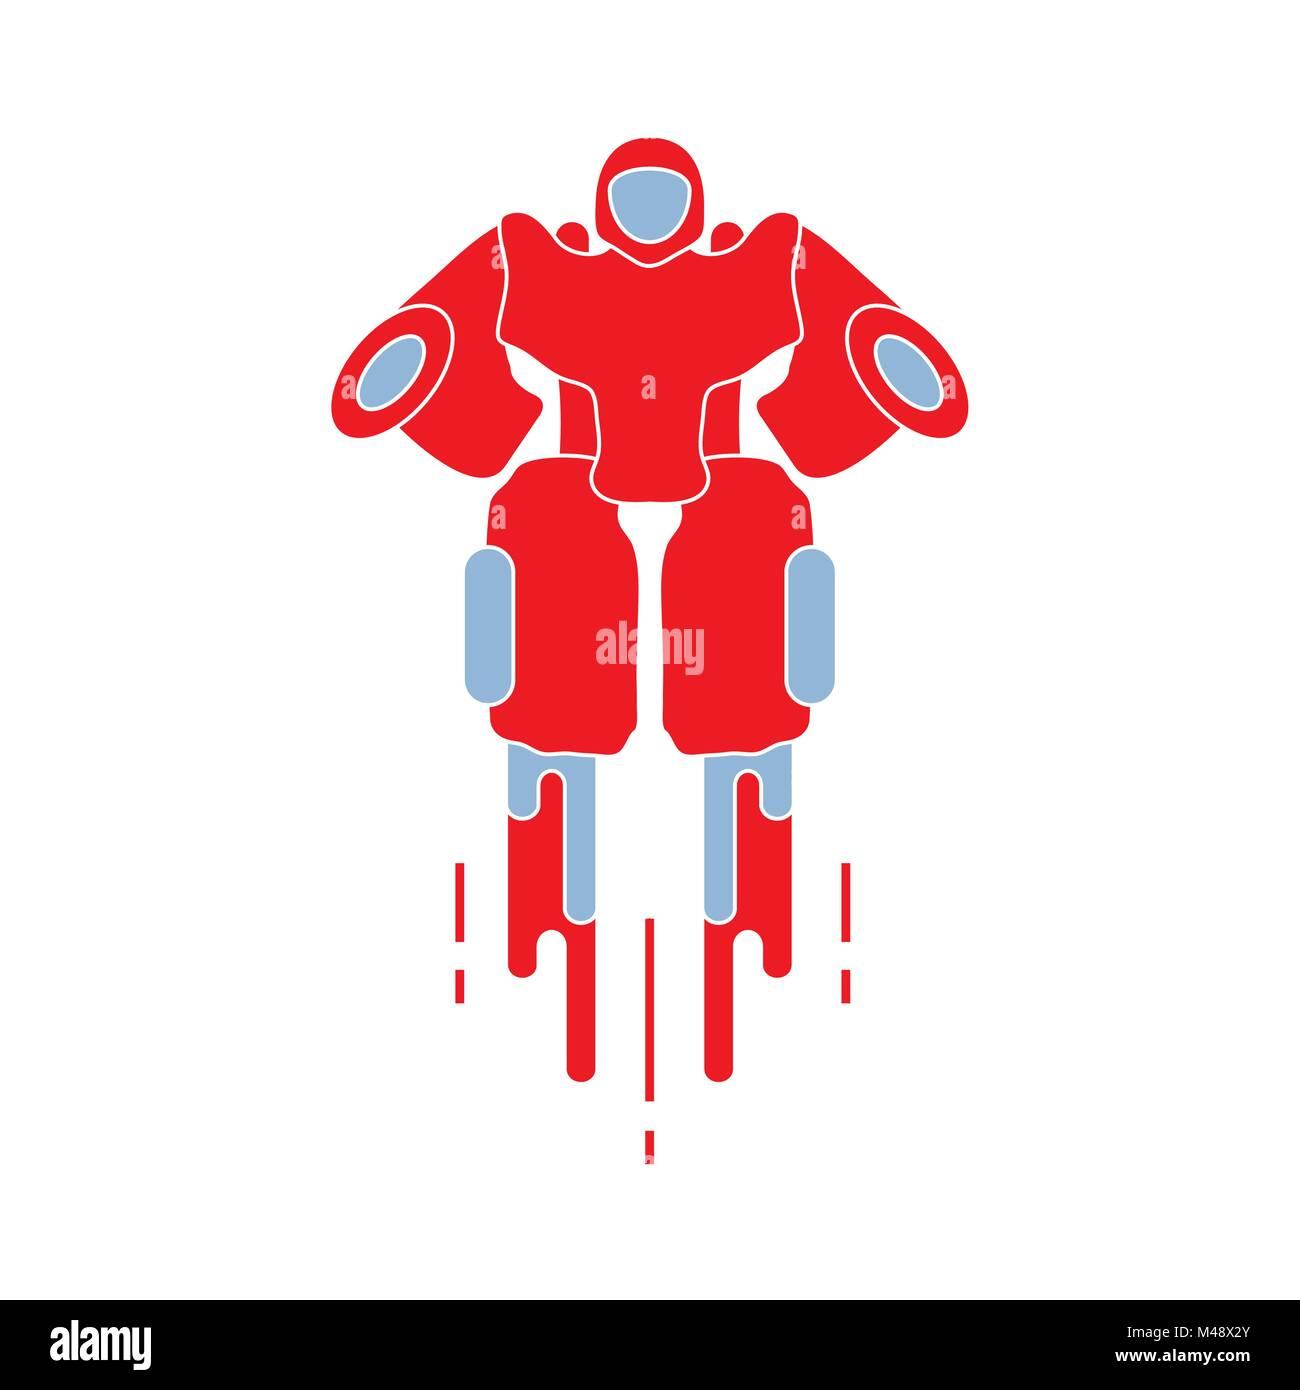 Robot Toys For Children Robotics Technologies Design For Banner